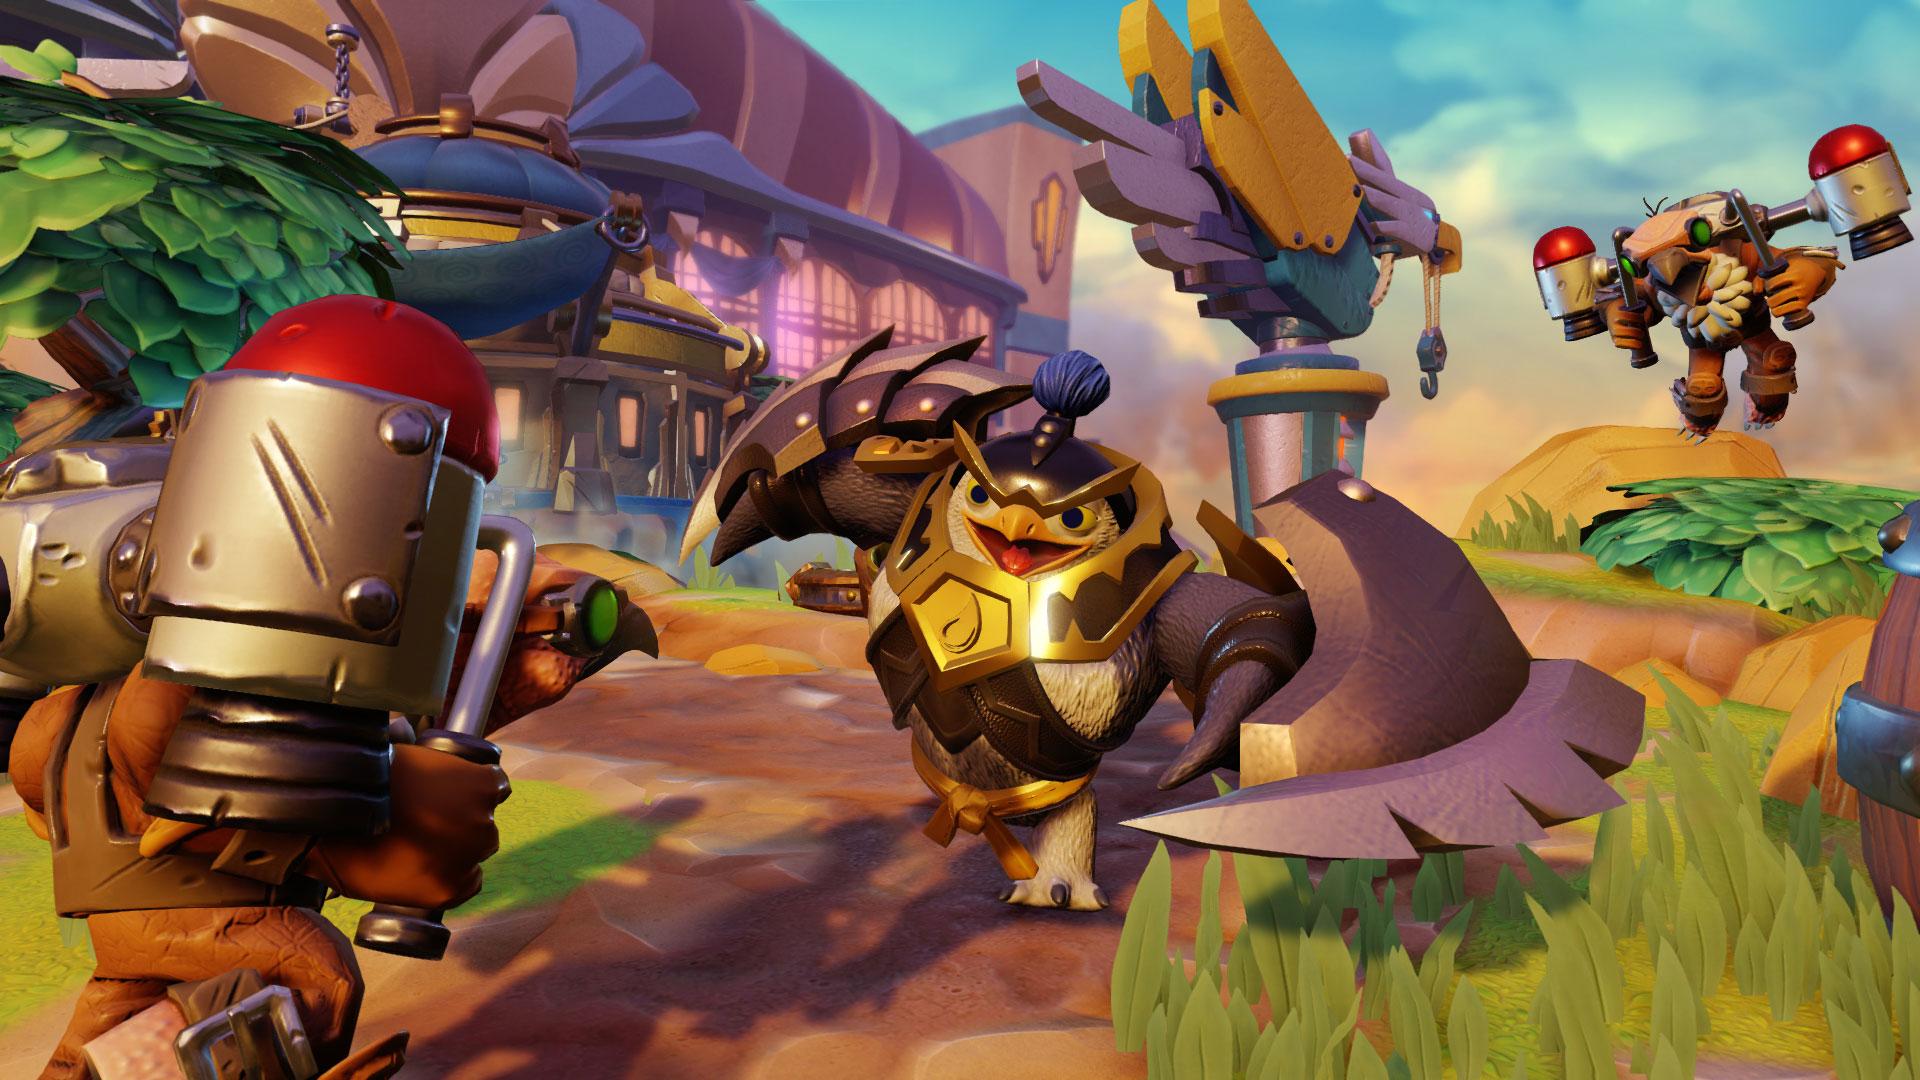 """Neue Helden heißt bei """"Skylanders"""" auch immer """"jede Menge neue Action-Figuren"""": Mit """"Imaginators"""" geht Activisions Kombi aus Spiel und Spielzeug in die sechste Runde. (14.10. für PS4, PS3, Xbox One, Xbox 360, WiiU)"""